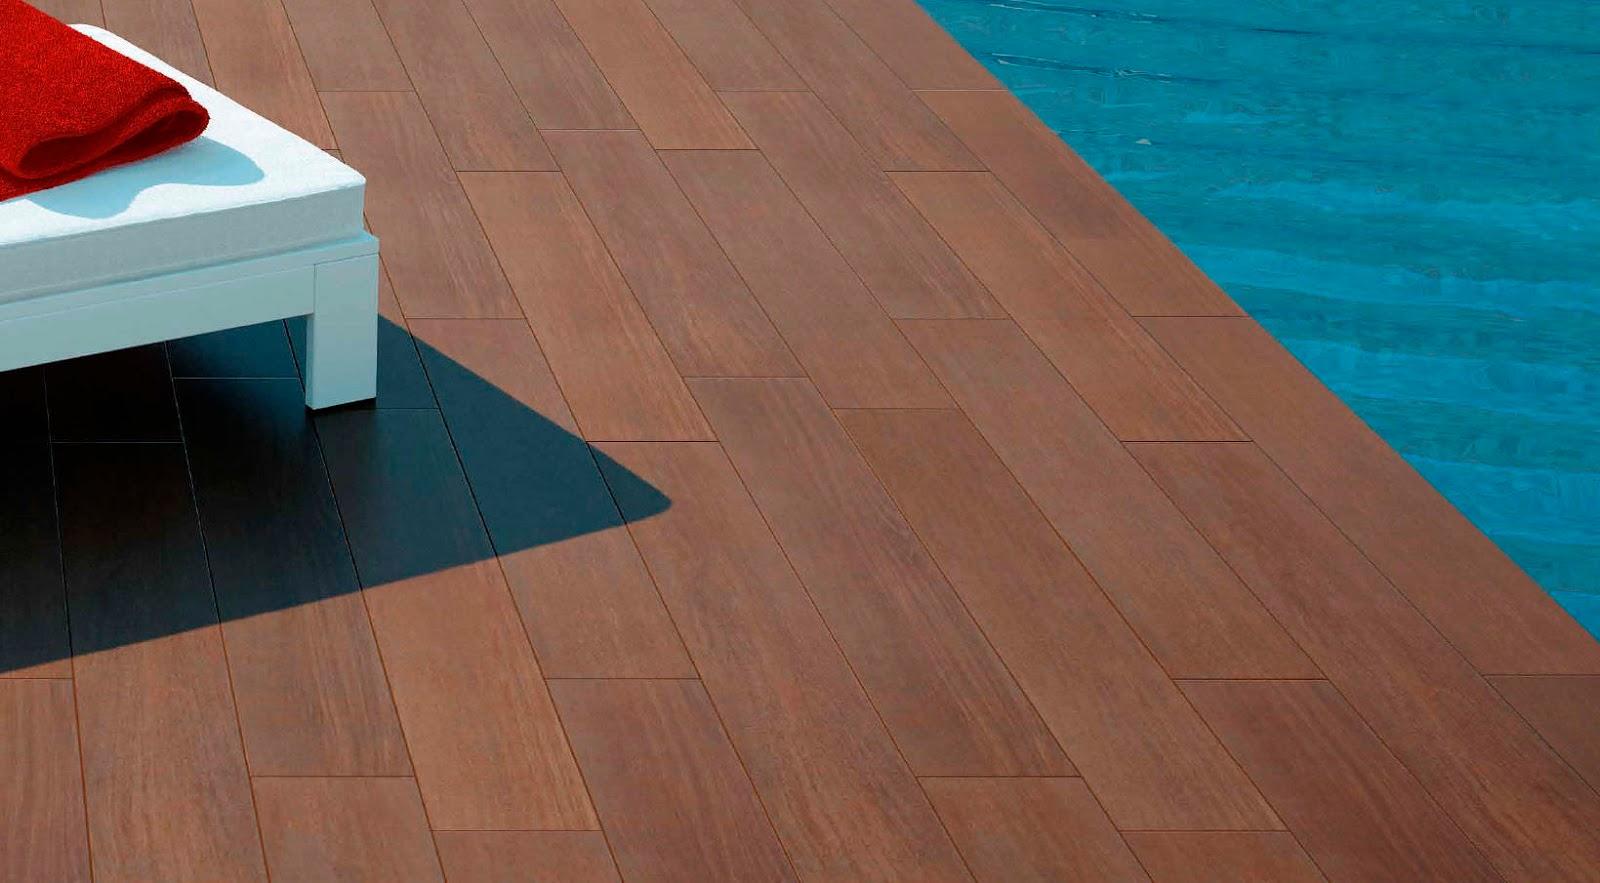 Para los suelos madera o cer mica - Suelo de madera exterior ...